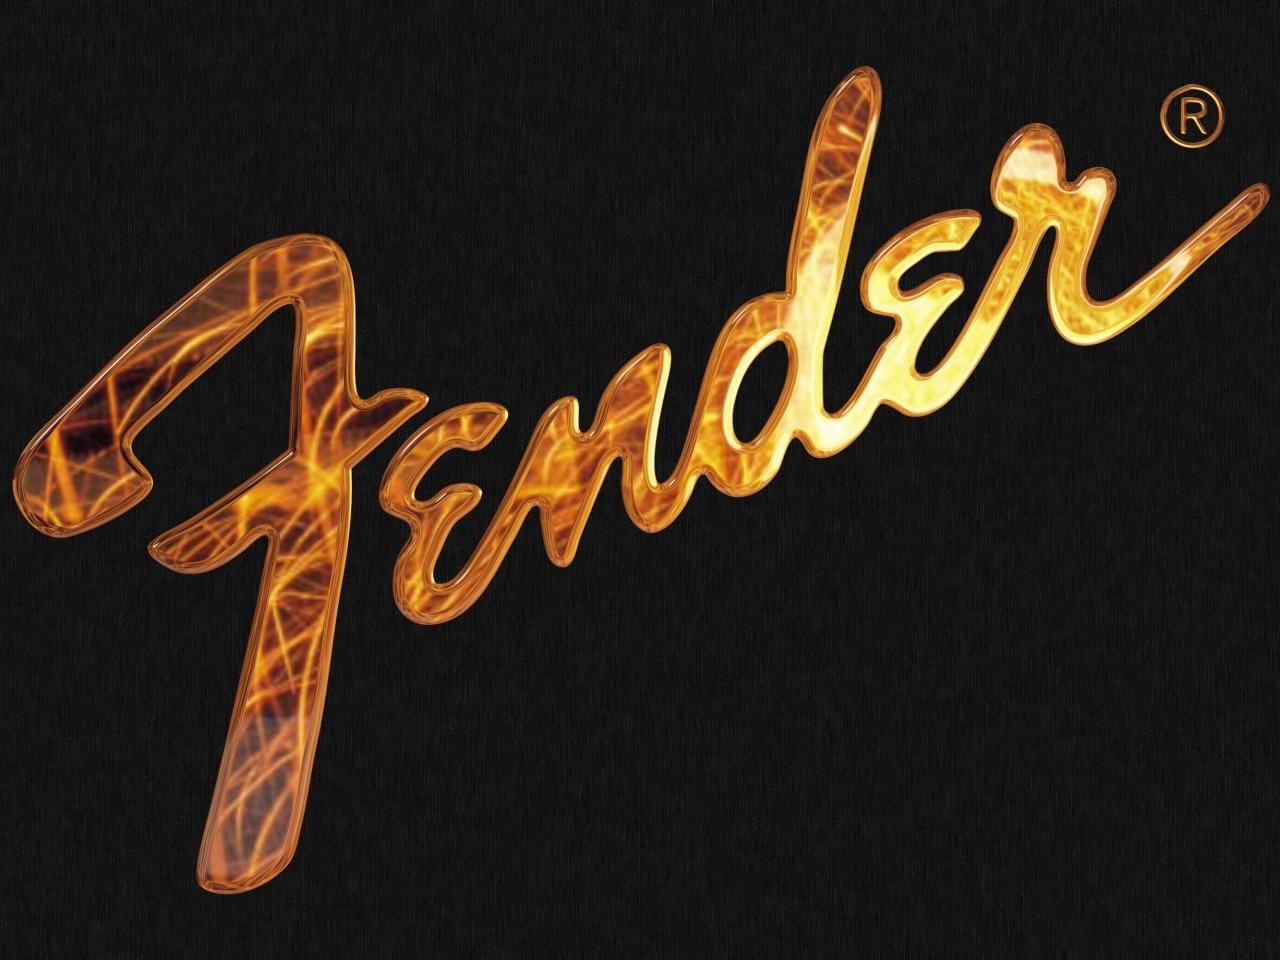 Logo de Fender en 3D - 1280x960